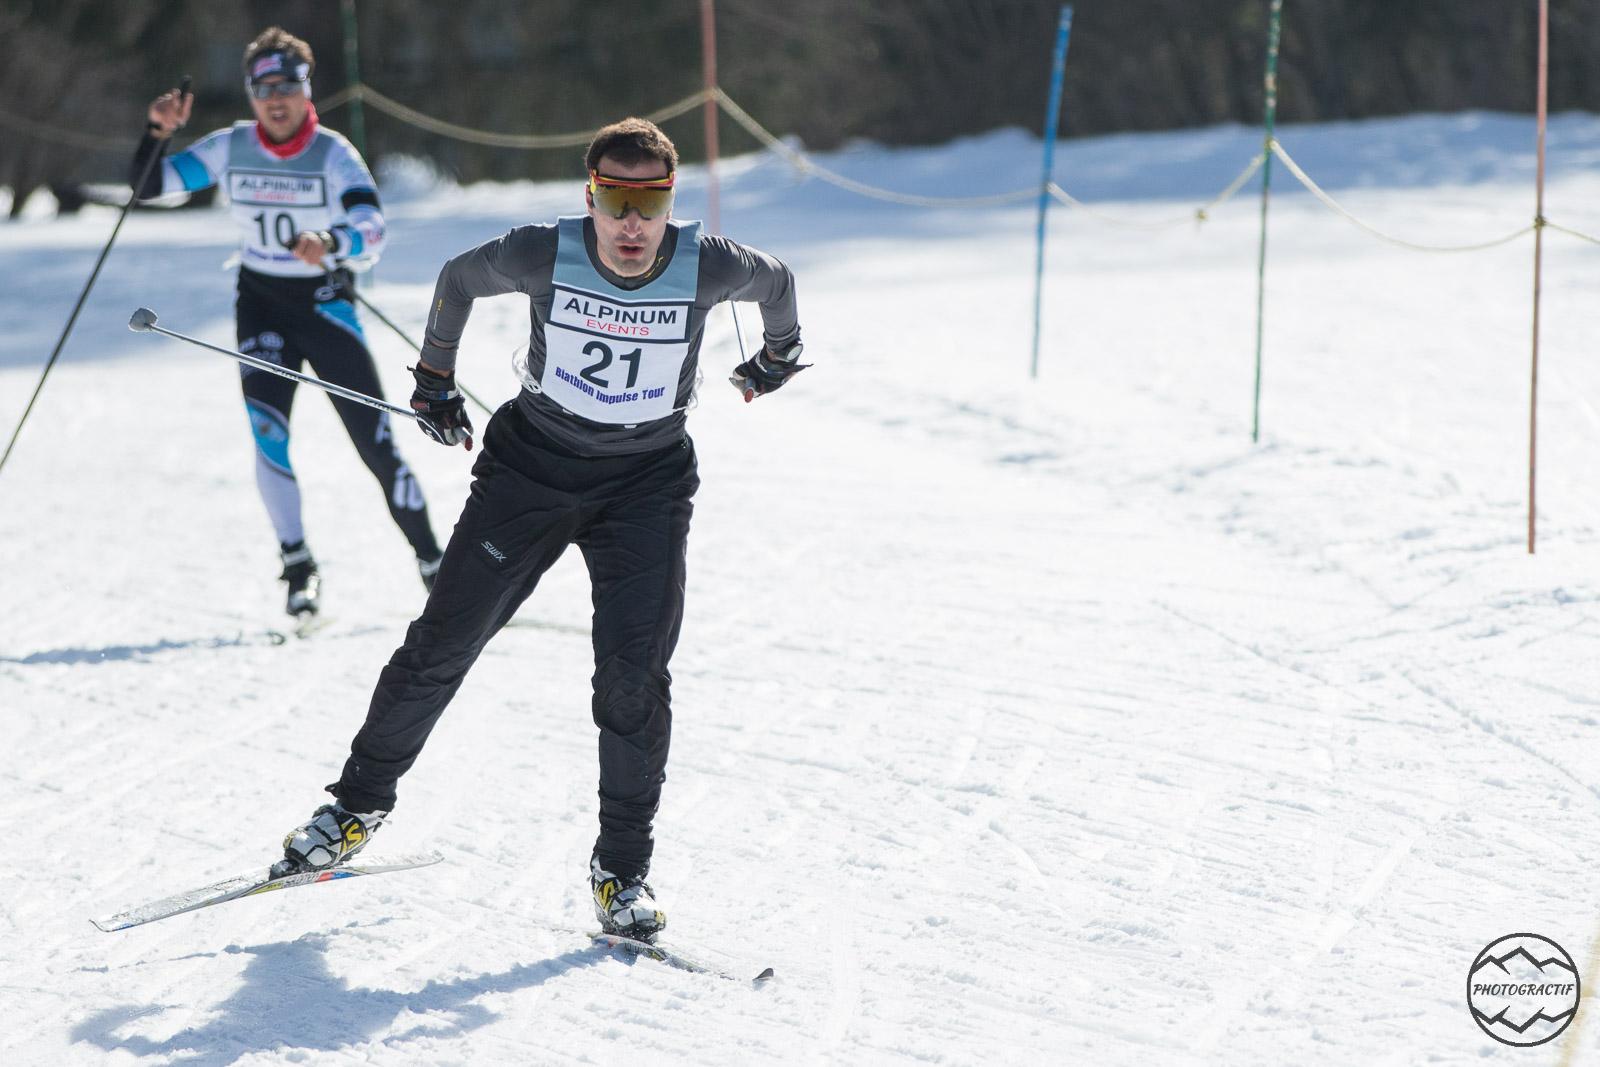 Biathlon Alpinum Les Contamines 2019 (52)